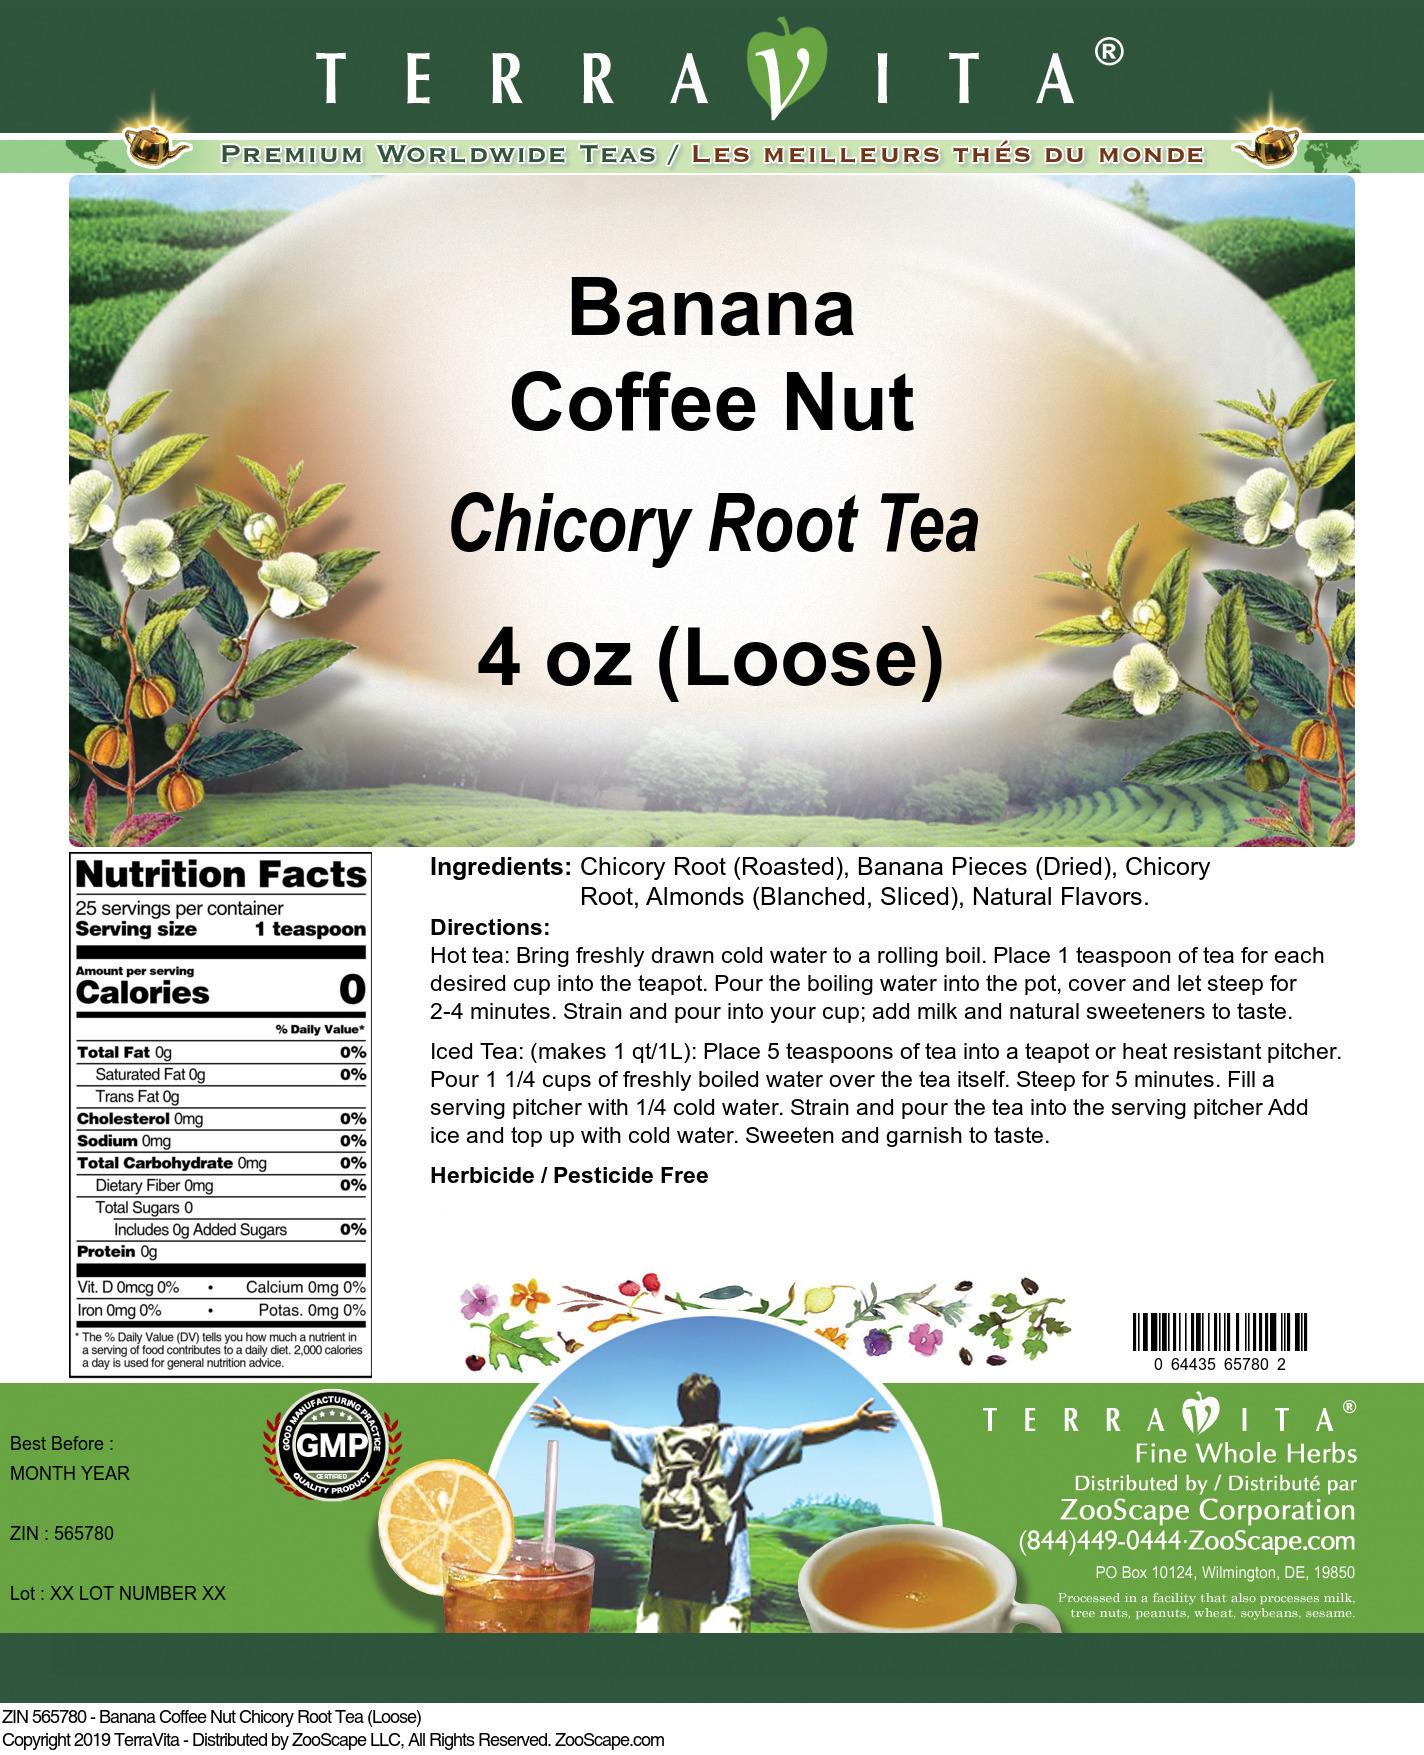 Banana Coffee Nut Chicory Root Tea (Loose)